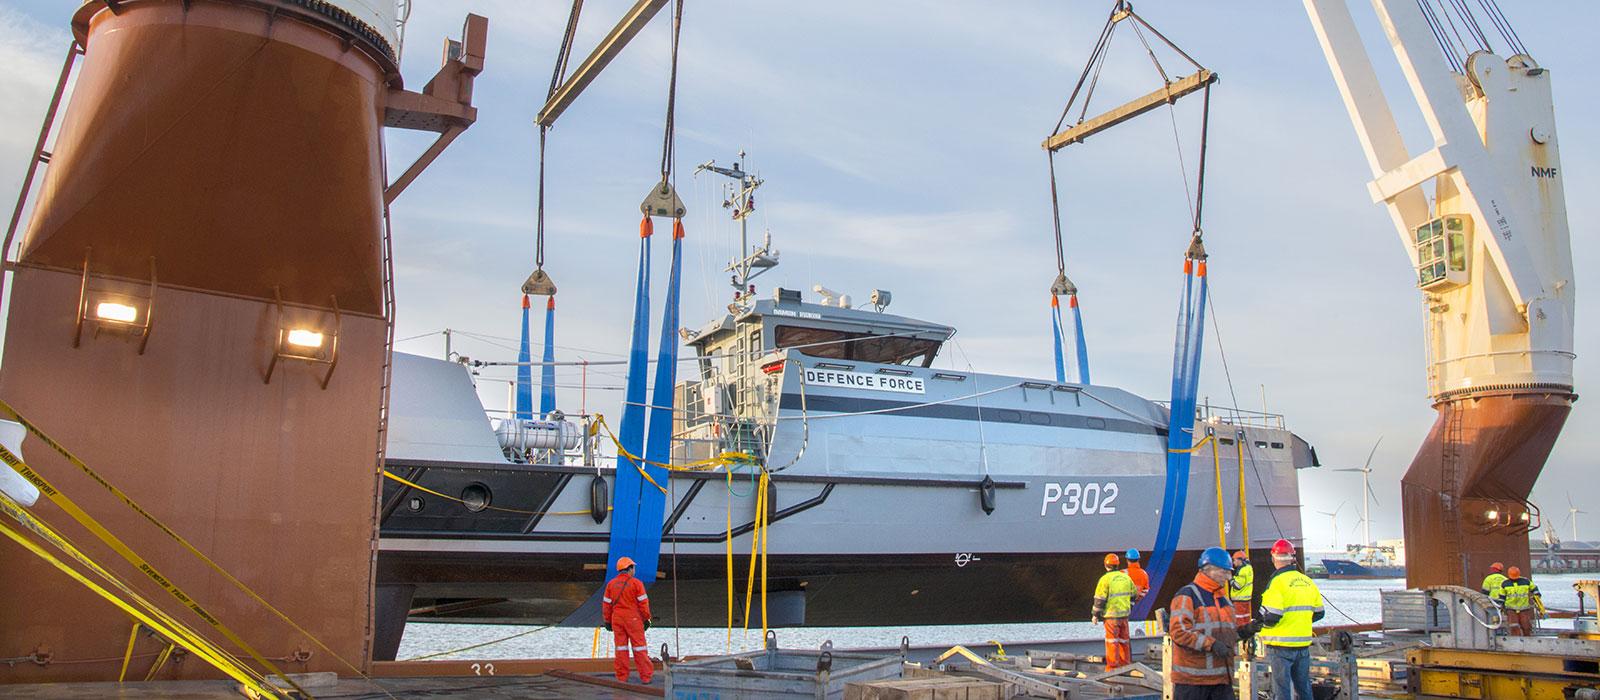 defence force ship transportation